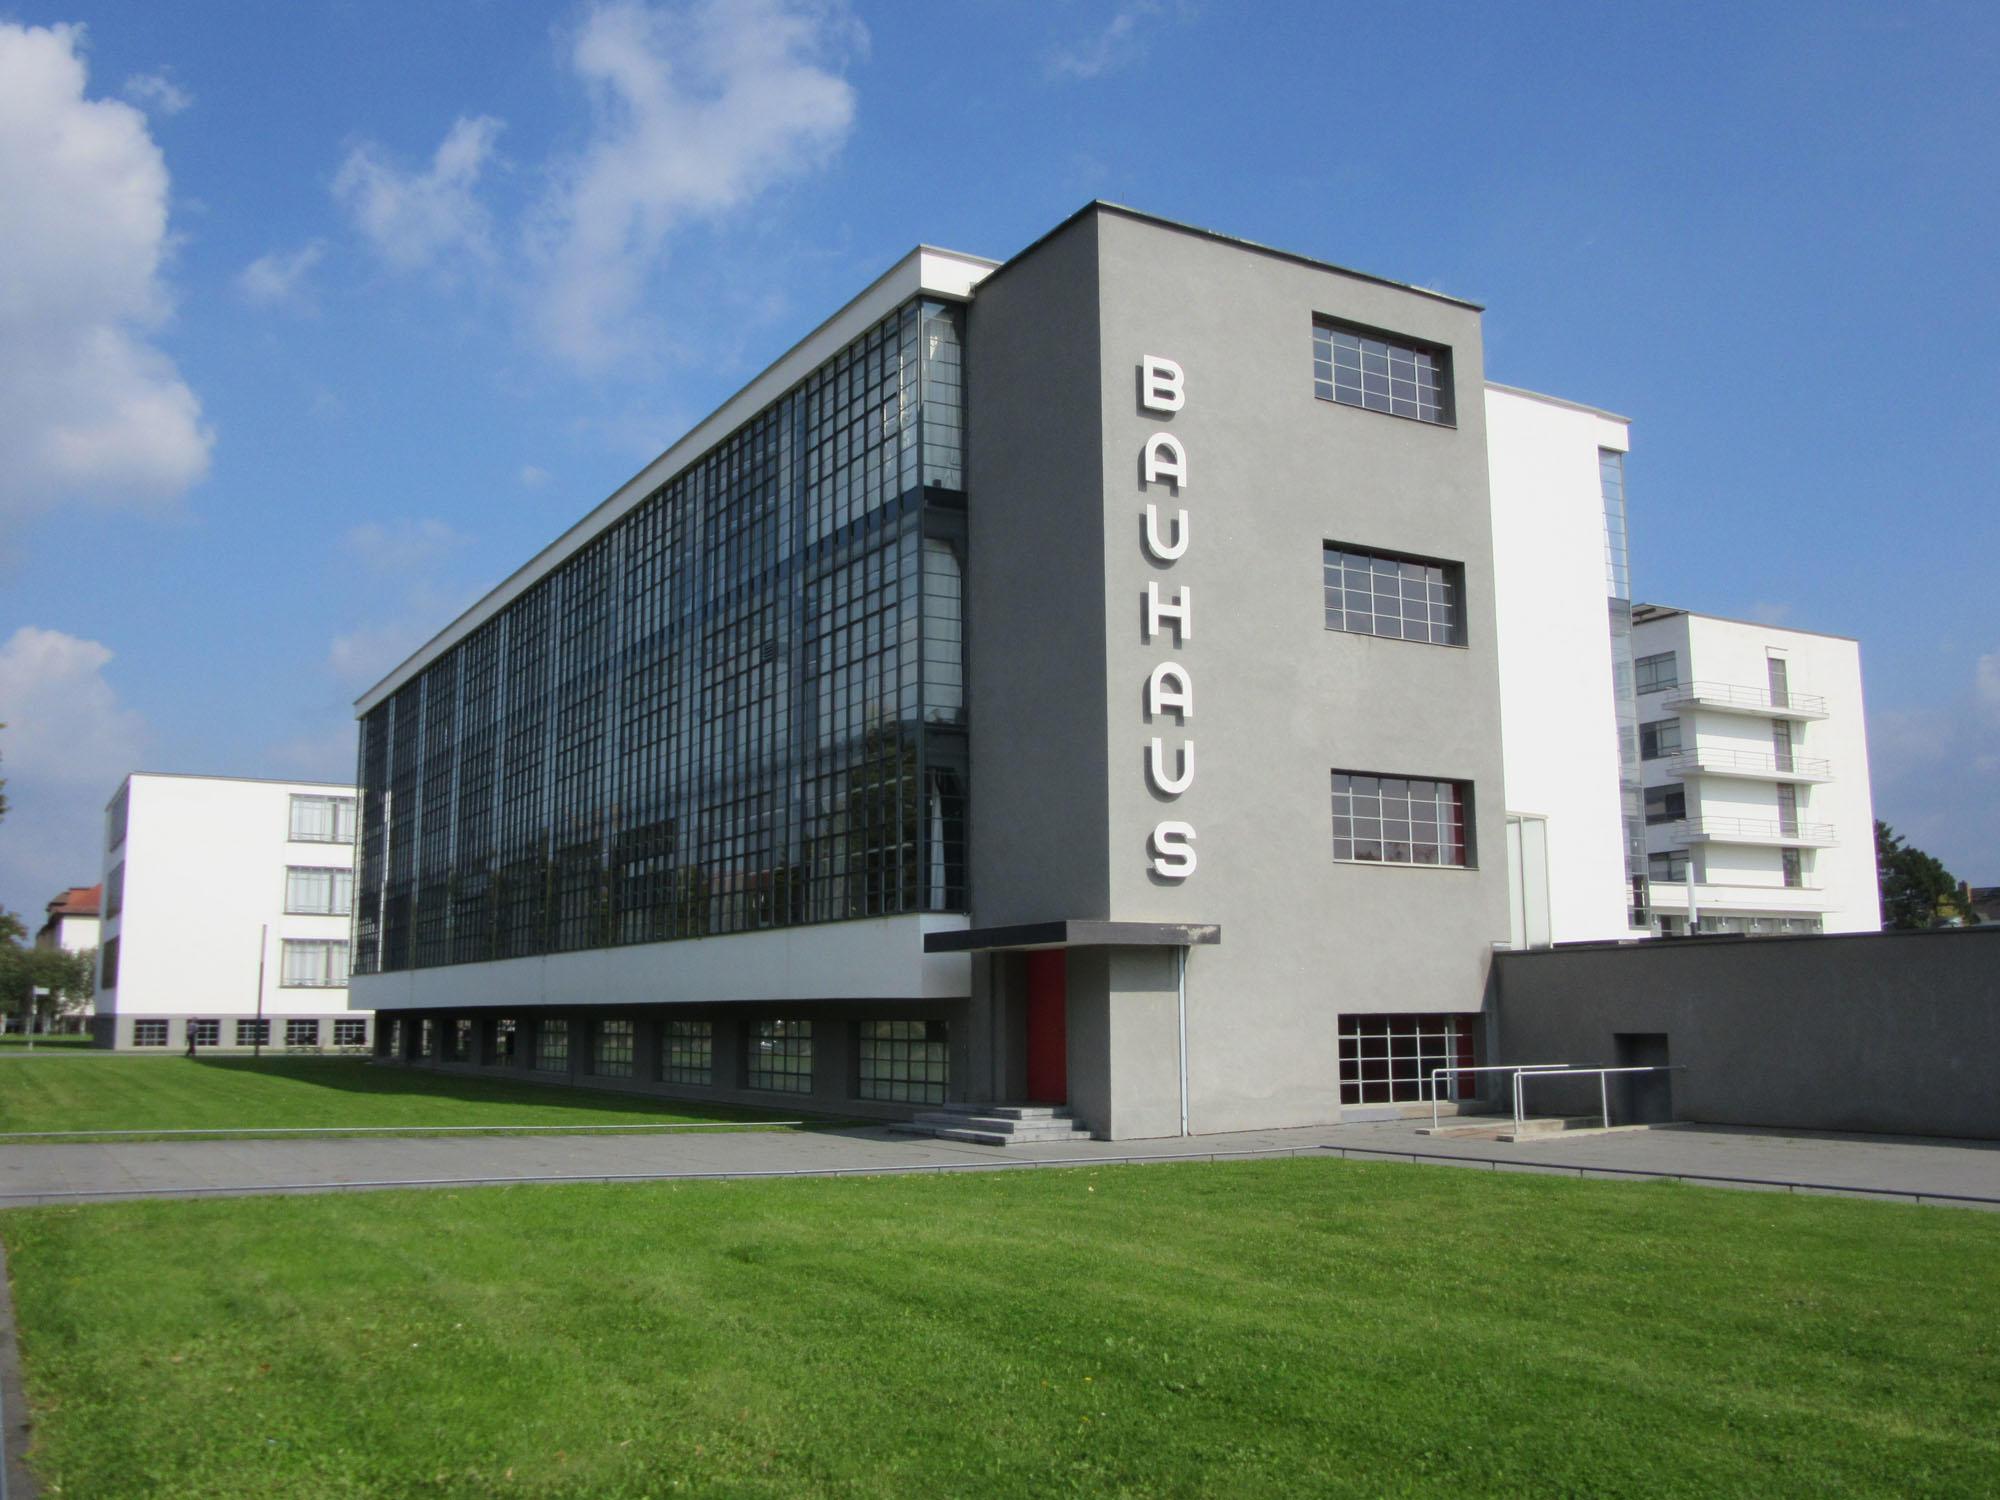 世界遺産に登録されている学校、バウハウスを訪れる!